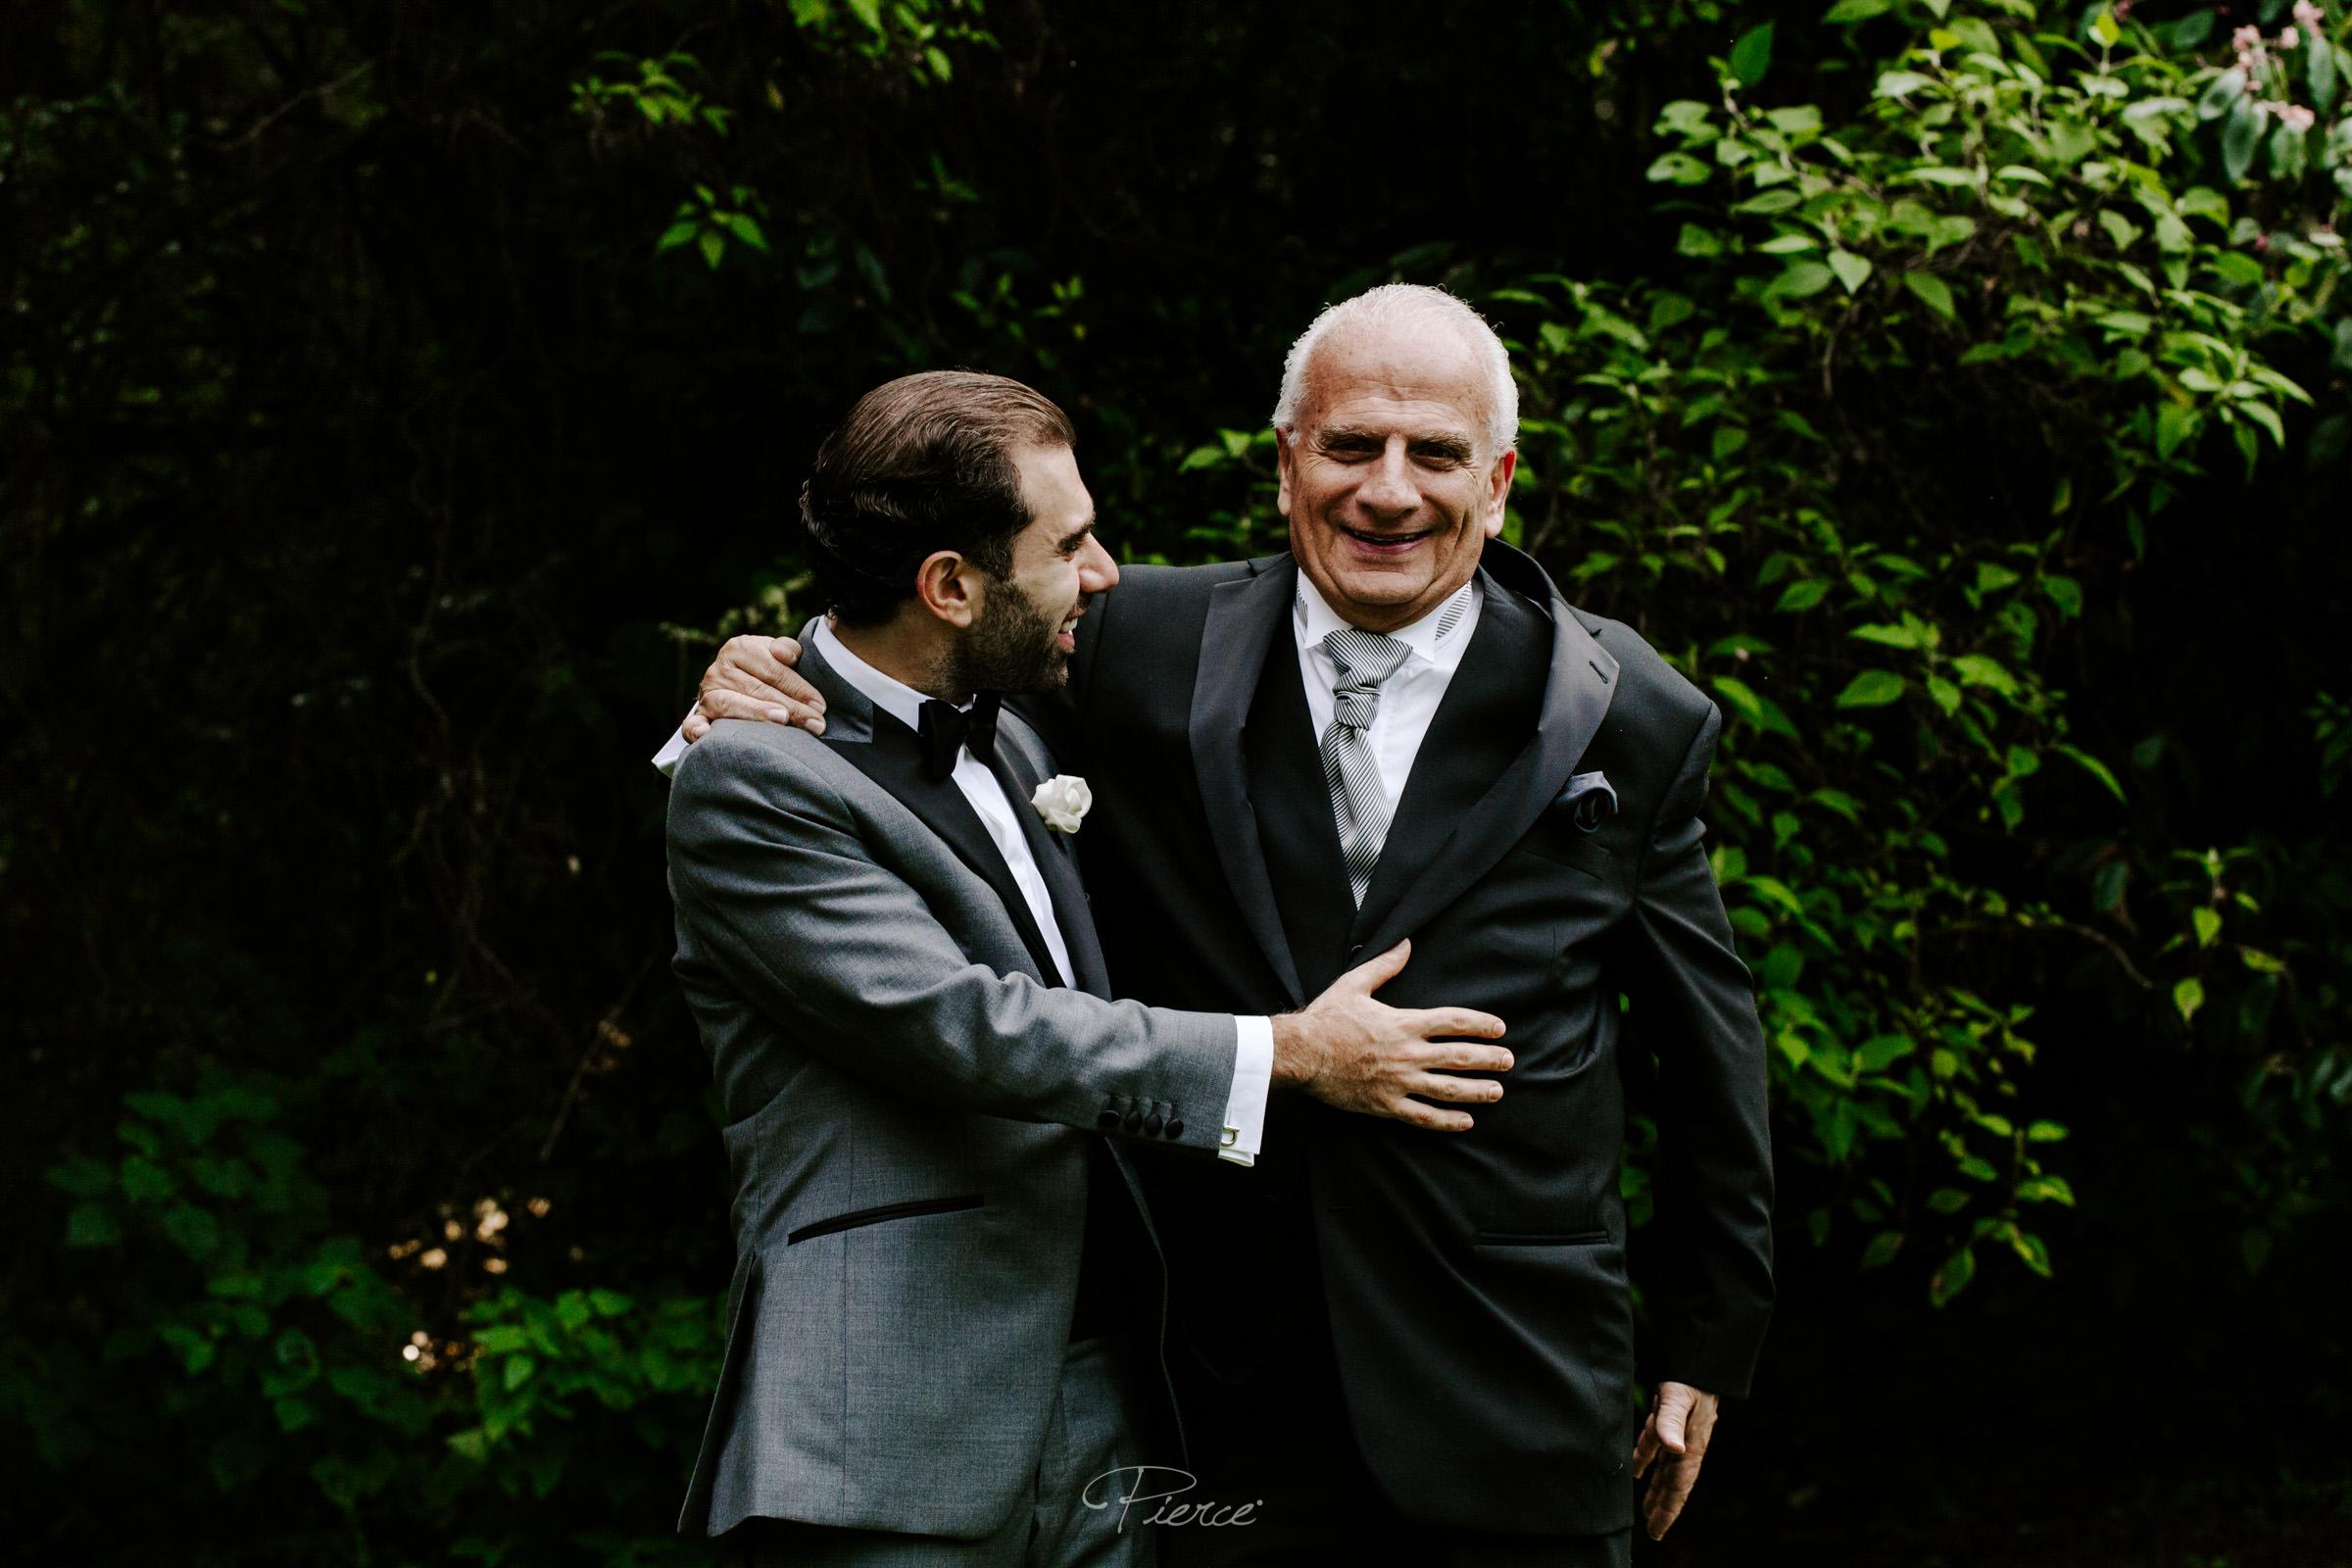 fotografia-de-boda-valle-de-bravo-mexico-rosmarino-pierce-weddings-0060.JPG